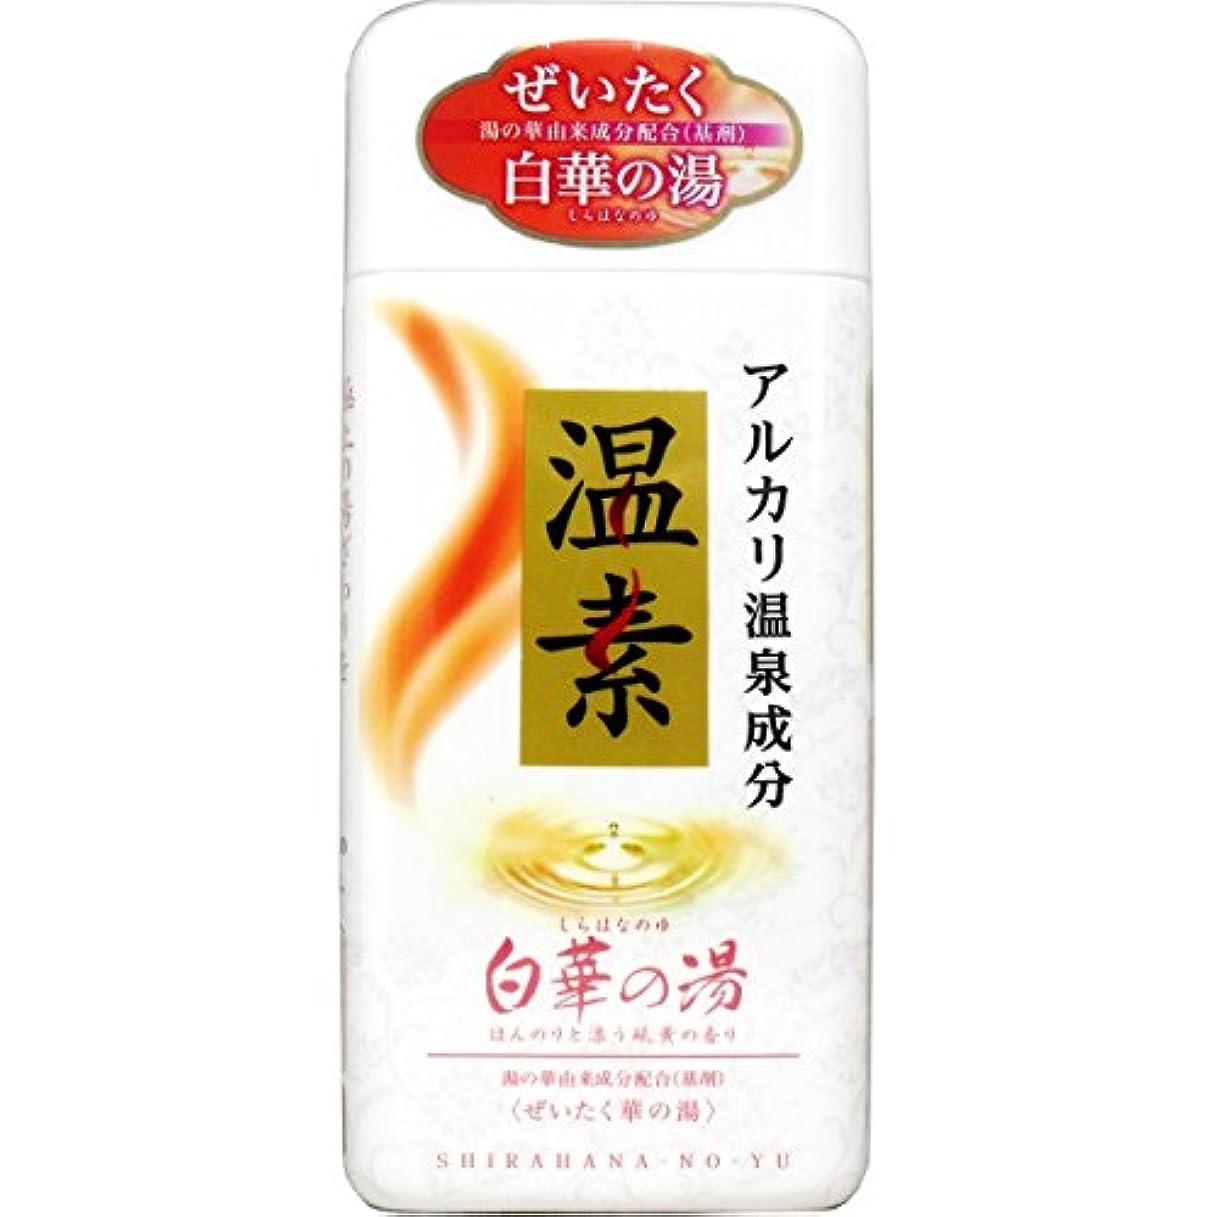 部ラッドヤードキップリング理解入浴剤 ぜいたく華の湯 リラックス用品 アルカリ温泉成分 温素 入浴剤 白華の湯 硫黄の香り 600g入